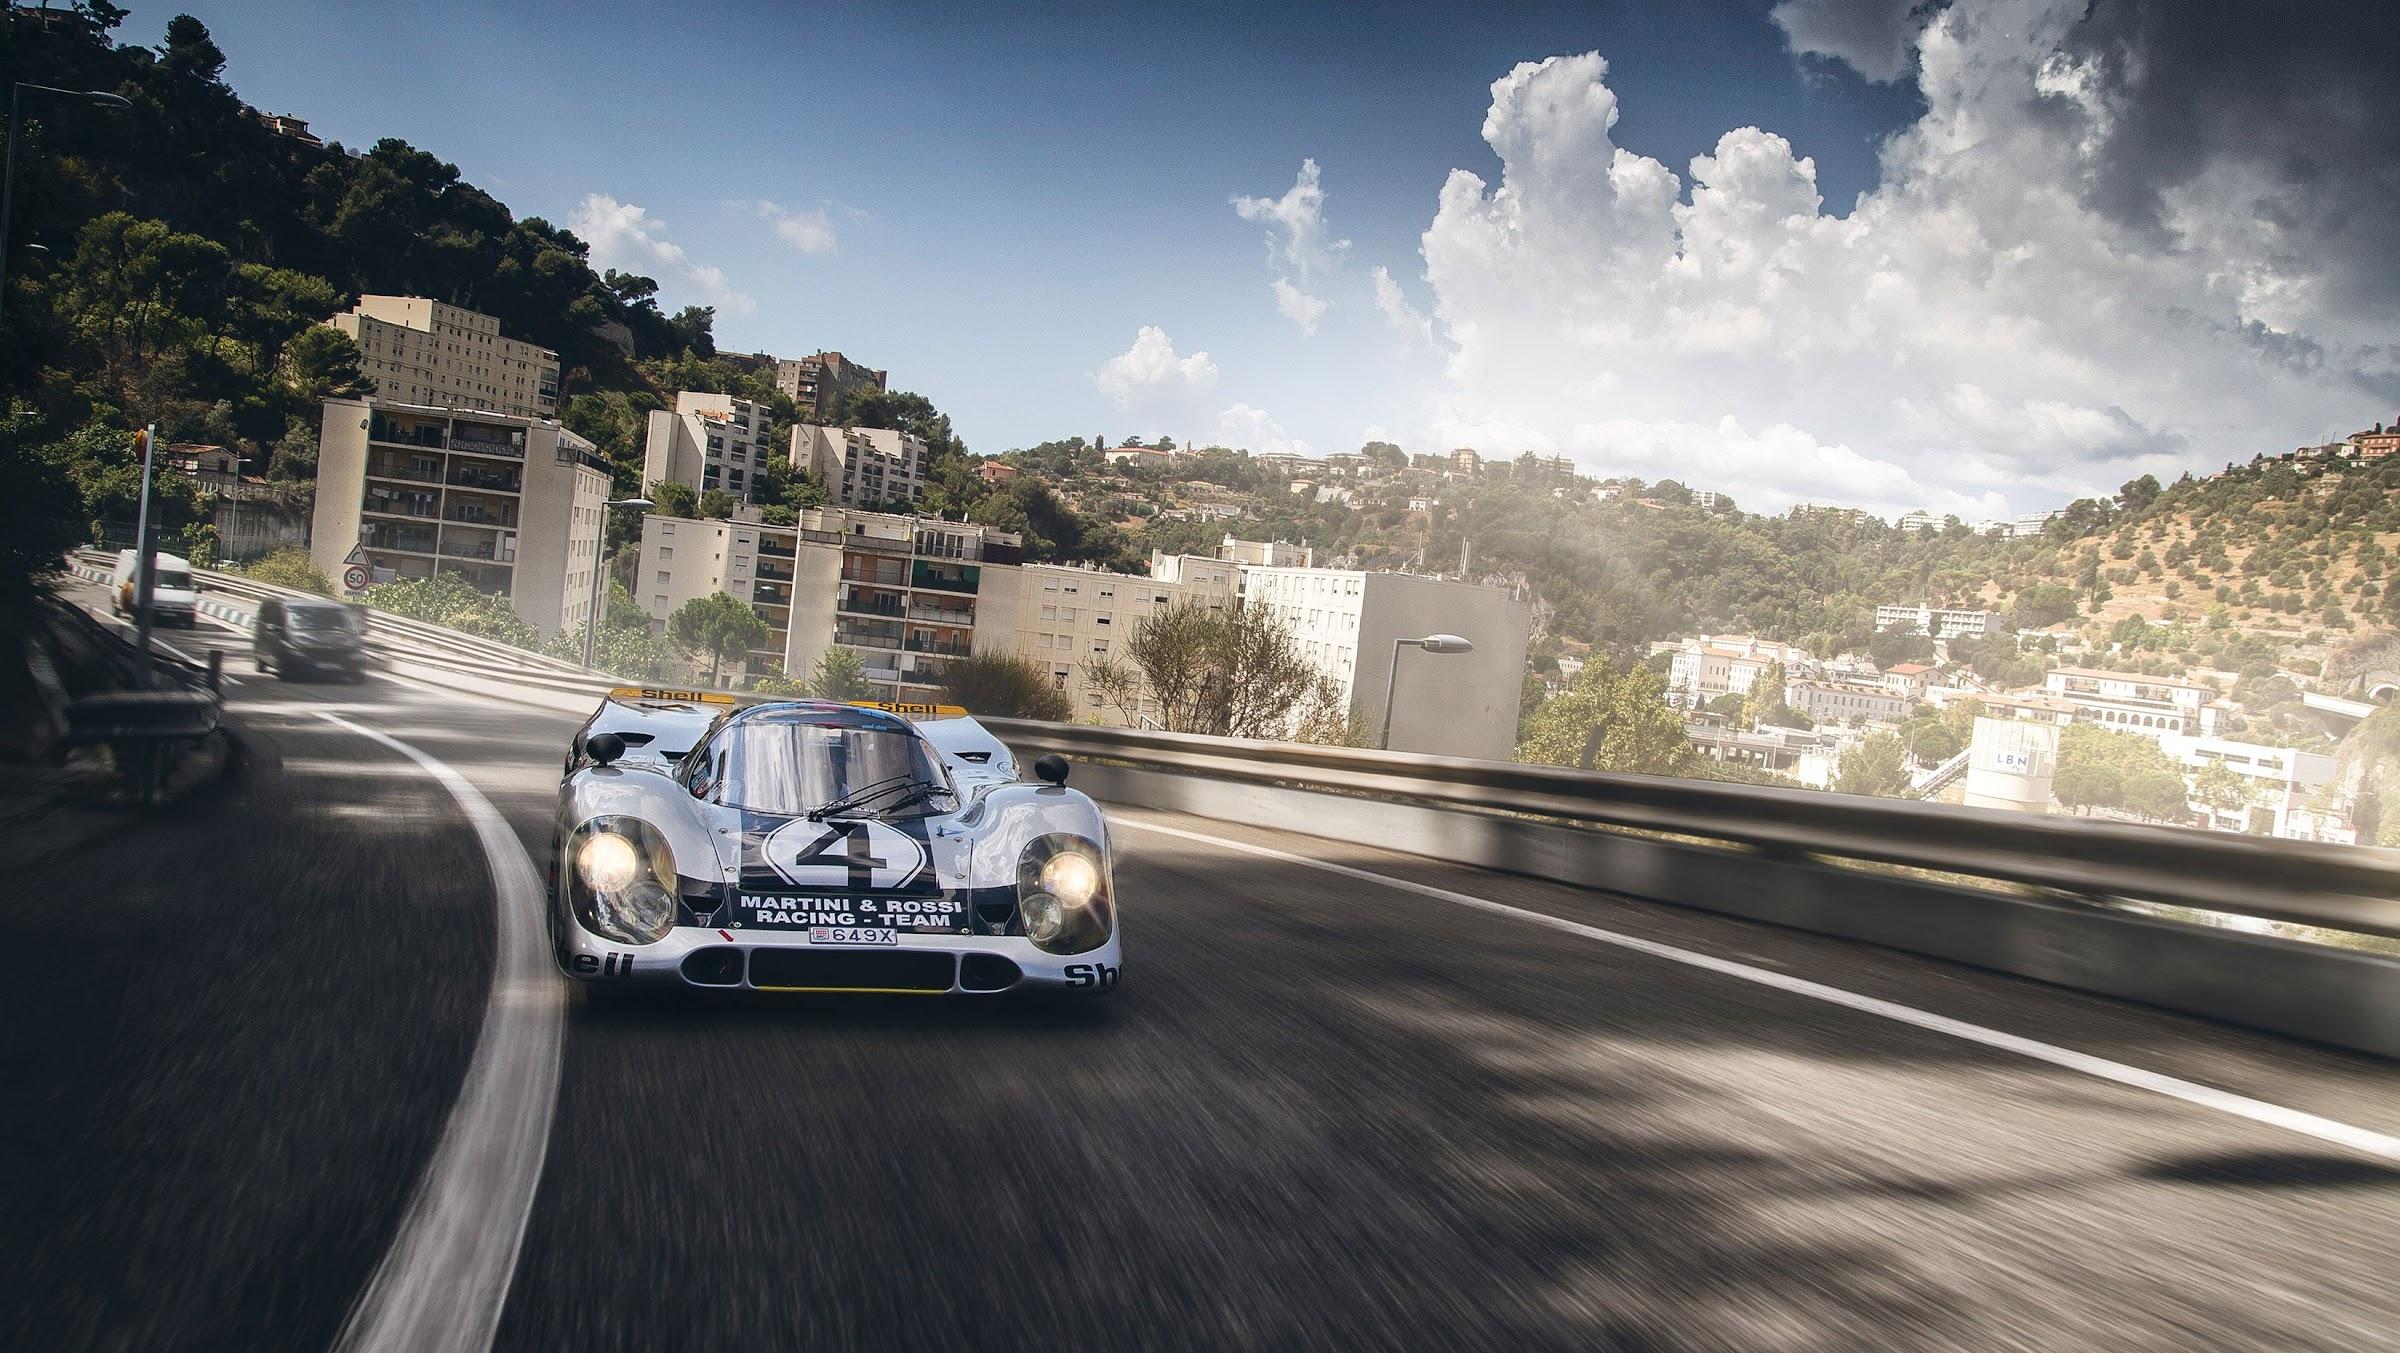 w9fKNug 983gxwObOILcwcCWomYzr rU6FNqqhB cYB5NuPm r6GzK MDbEQxVZhrgexW1ih1vAGsgCuSZWPWcBypHTgQY8ttGH9fw4FBOFil5GKol6cODi0GCXHbMaeytY19lOS=w2400 - De Le Mans a la calle: Porsche 917